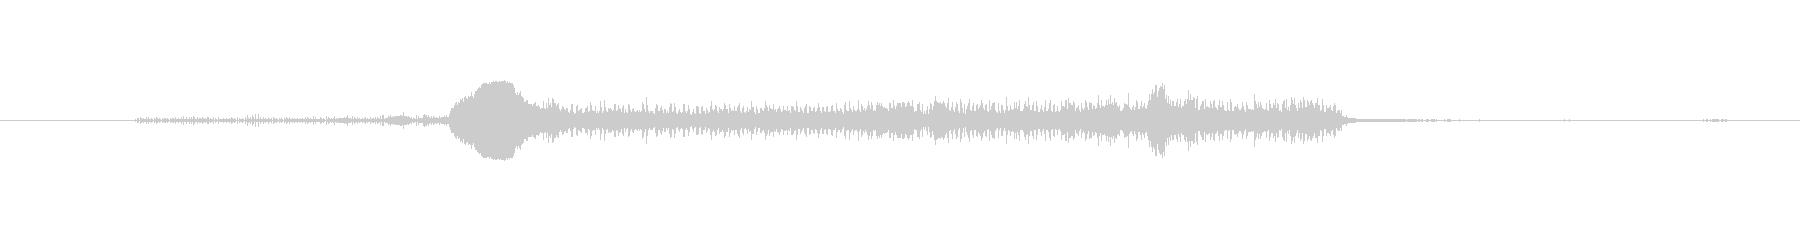 カントリーレールの交差点:クリケッ...の未再生の波形